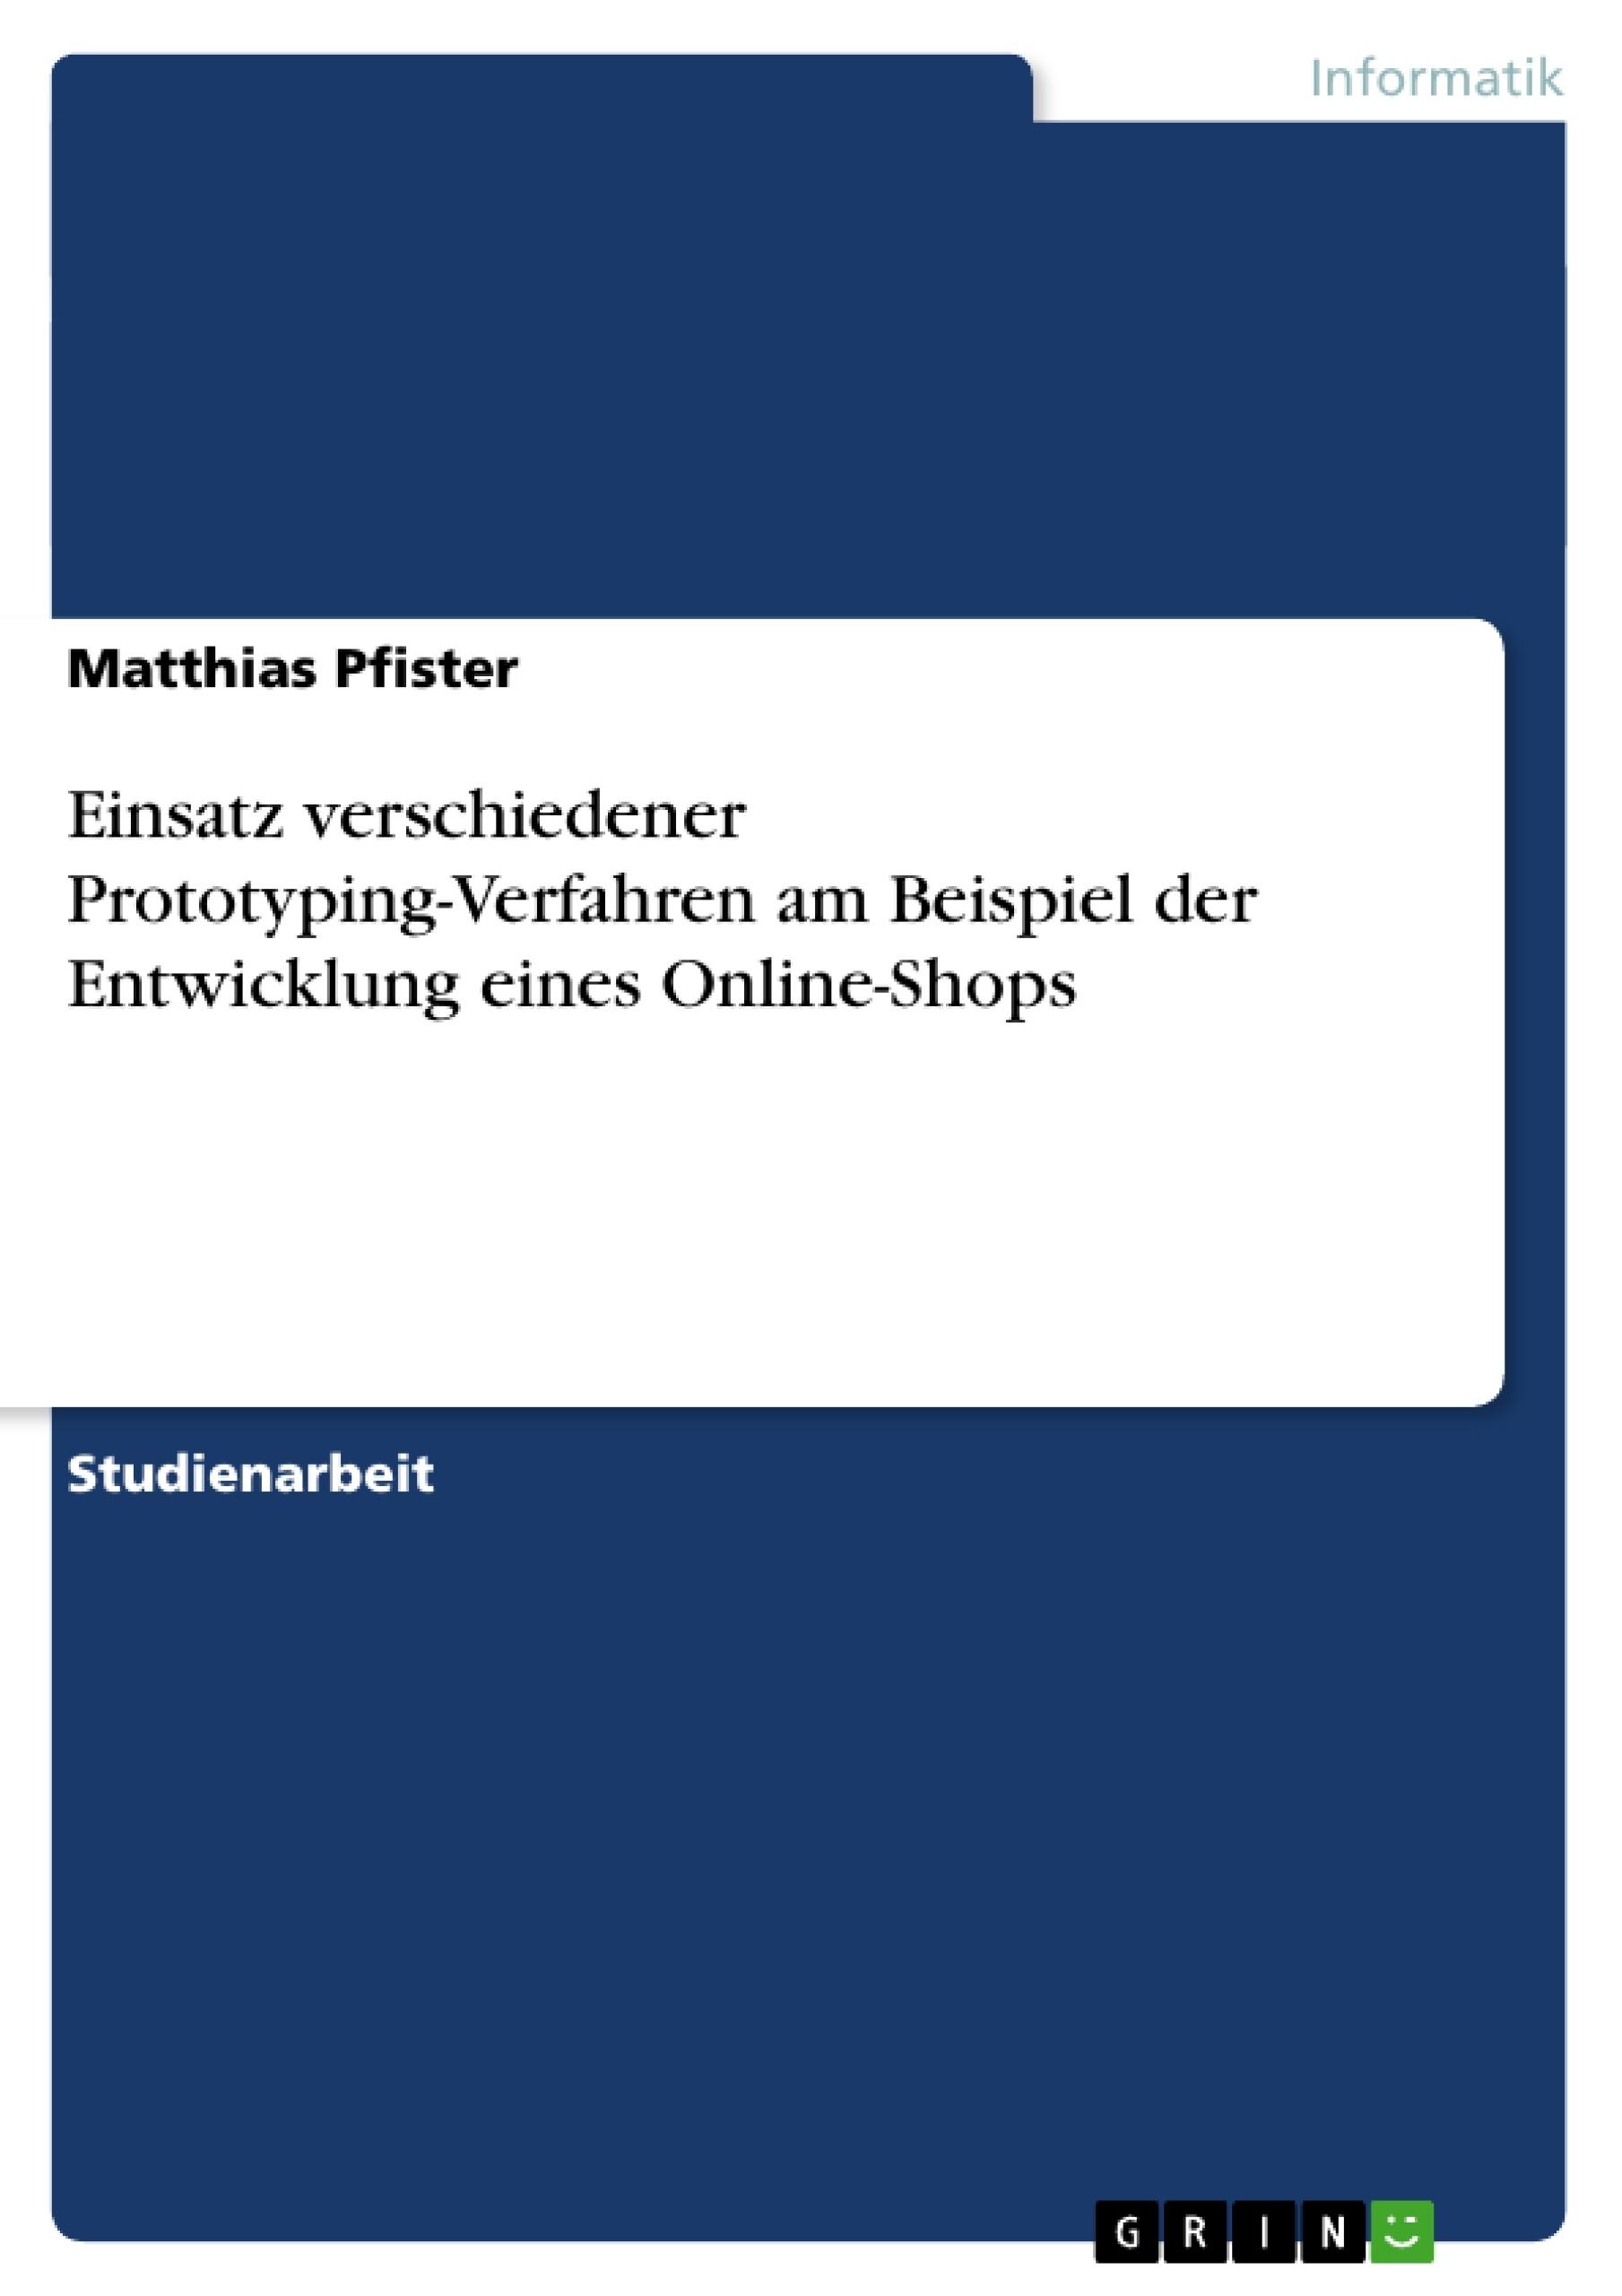 Titel: Einsatz verschiedener Prototyping-Verfahren am Beispiel der Entwicklung eines Online-Shops